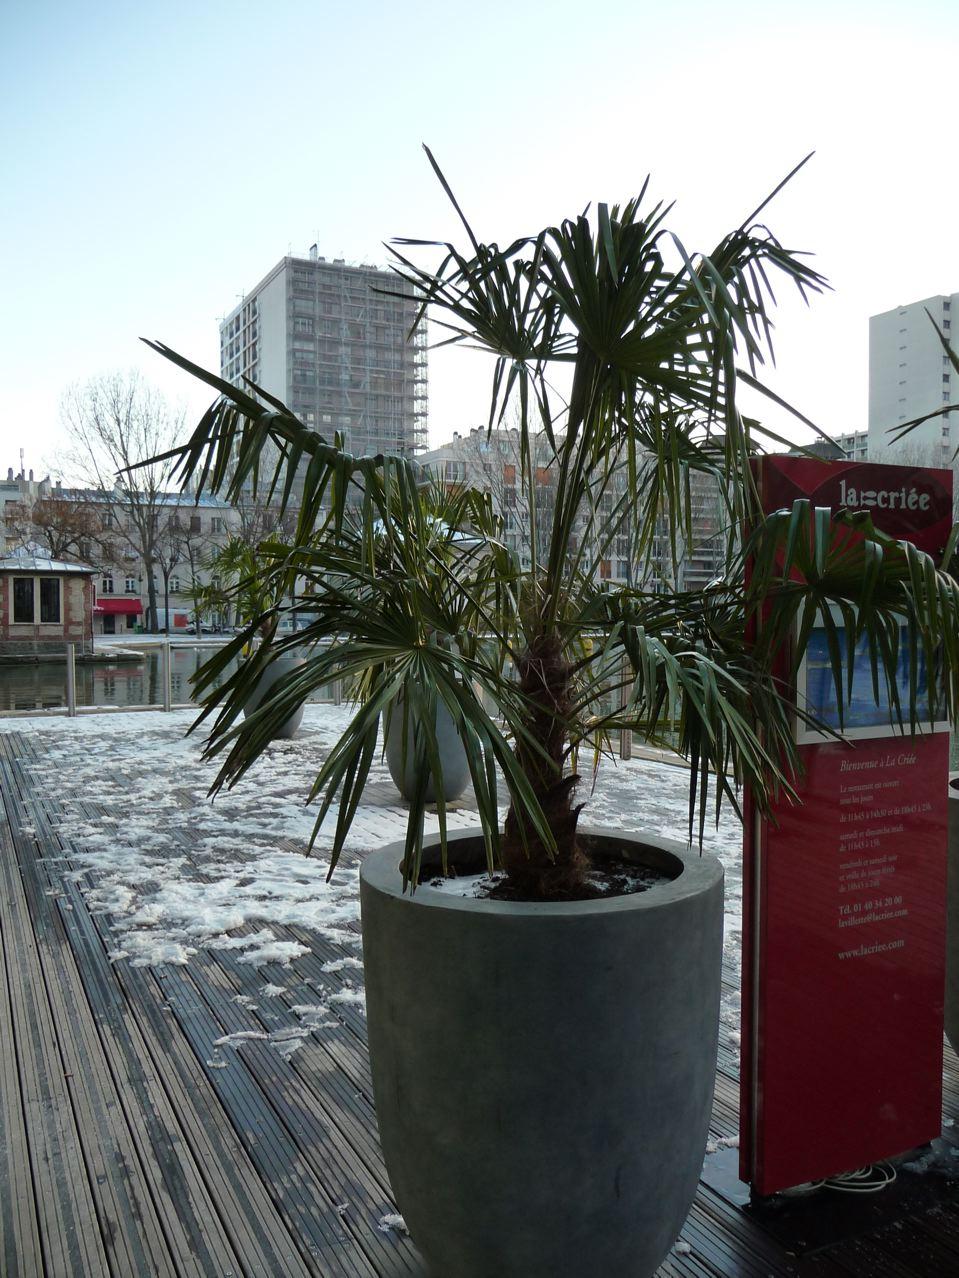 Grosse potée de palmier par temps de gel et de neige, Bassin de la Villette, Paris 19ème, photo Alain Delavie